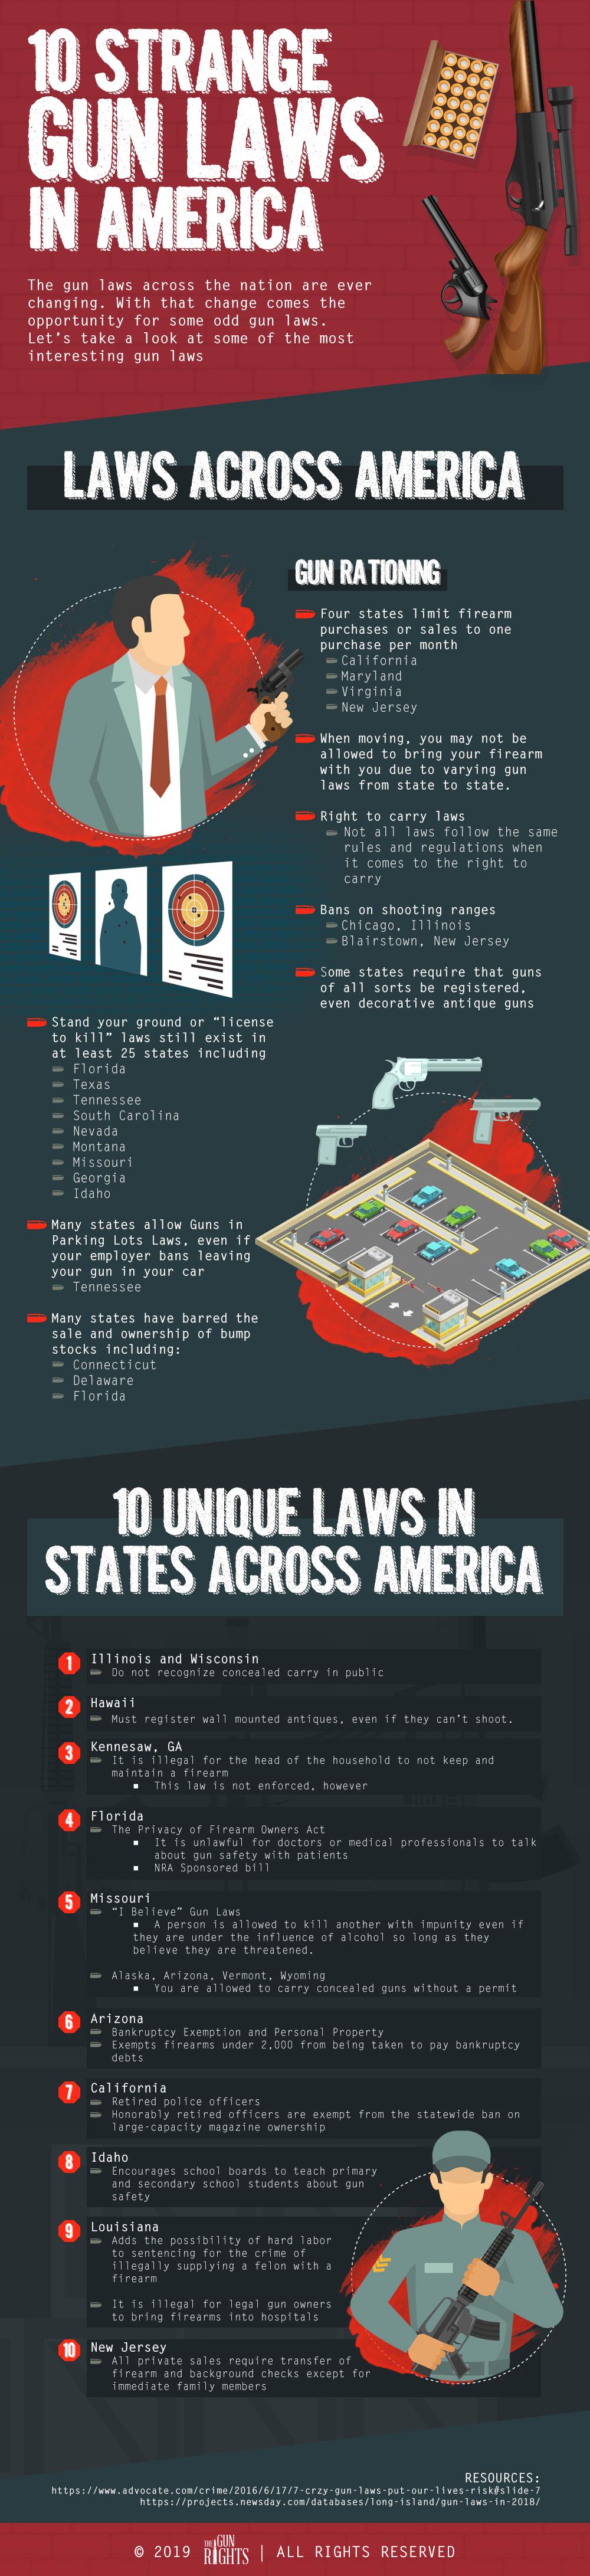 10 Strange Gun Laws in America